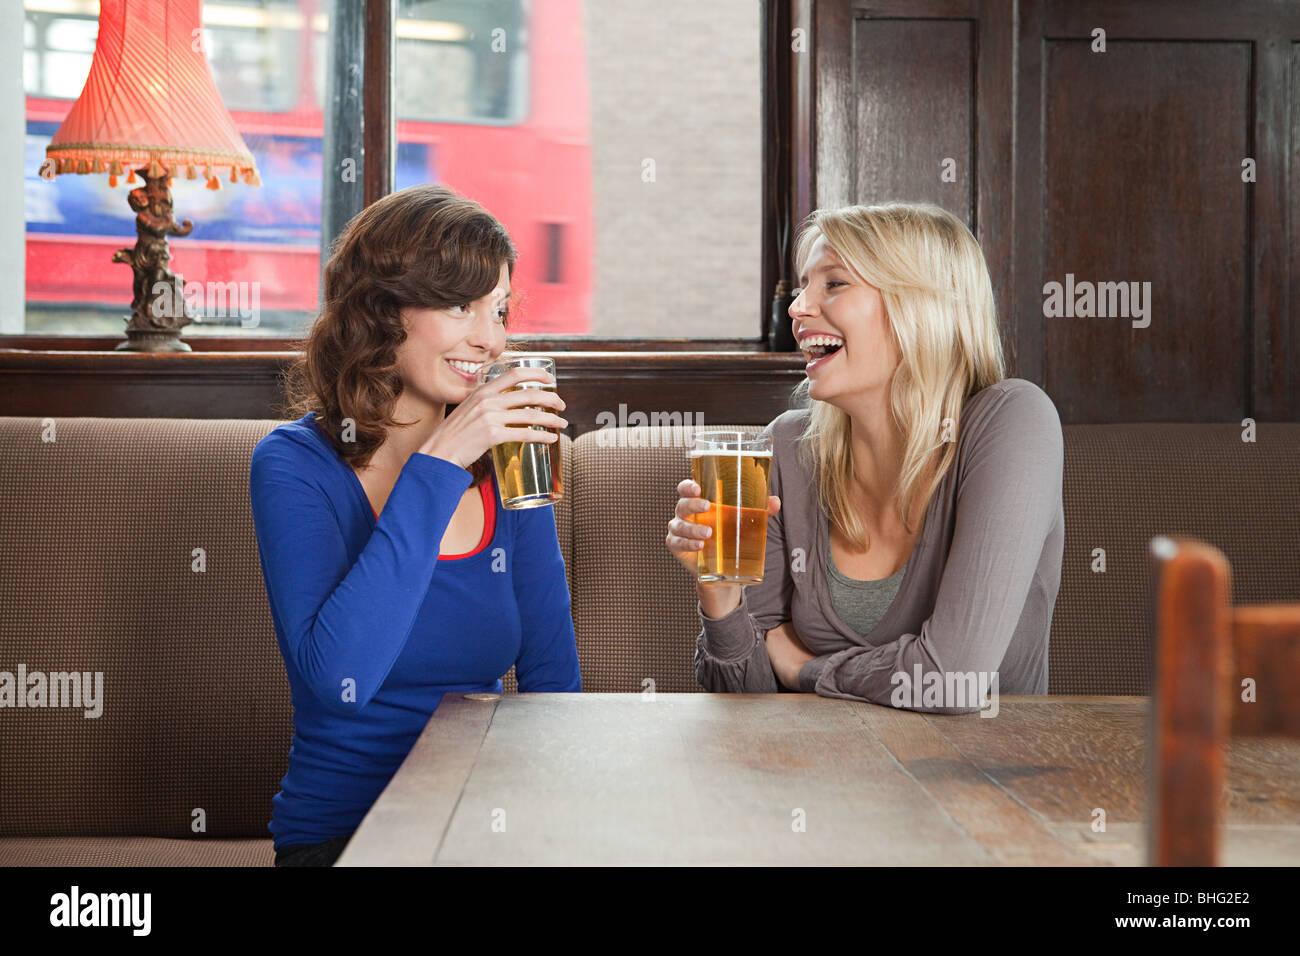 Las mujeres jóvenes en bares Imagen De Stock